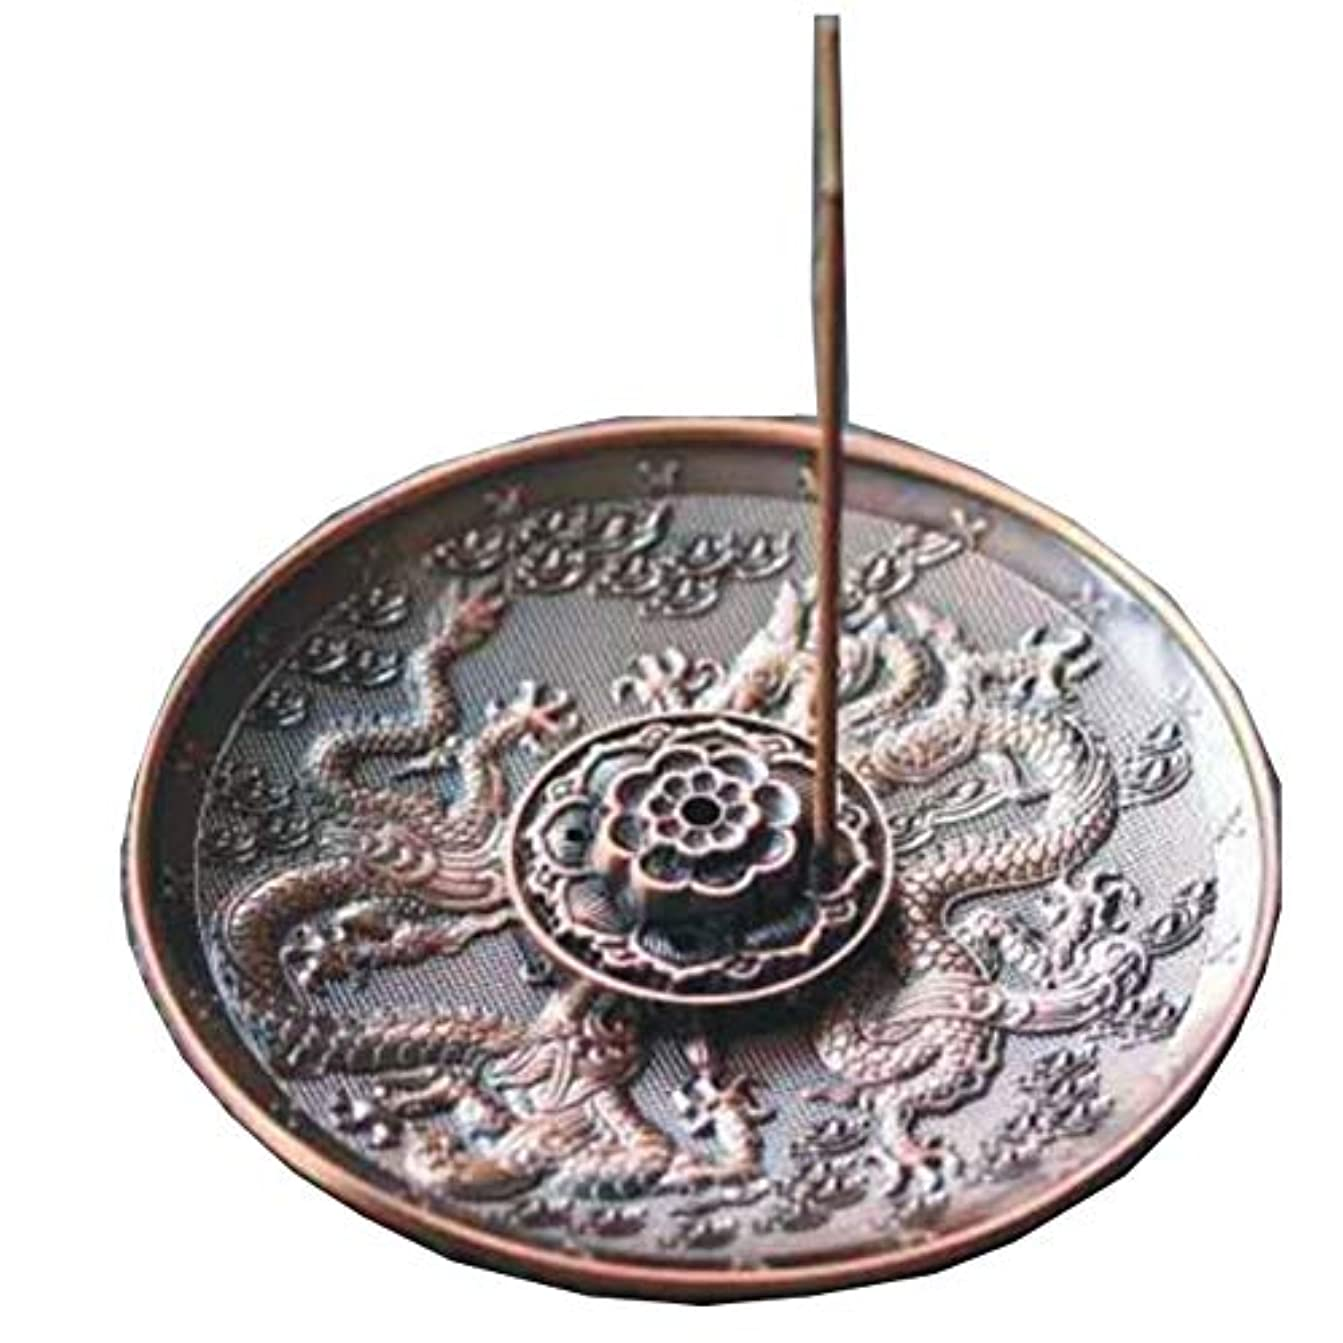 フロー大きい対話[RADISSY] お香立て 香炉 香皿 スティック 円錐 タイプ お香 スタンド 龍のデザイン (赤胴色9穴)